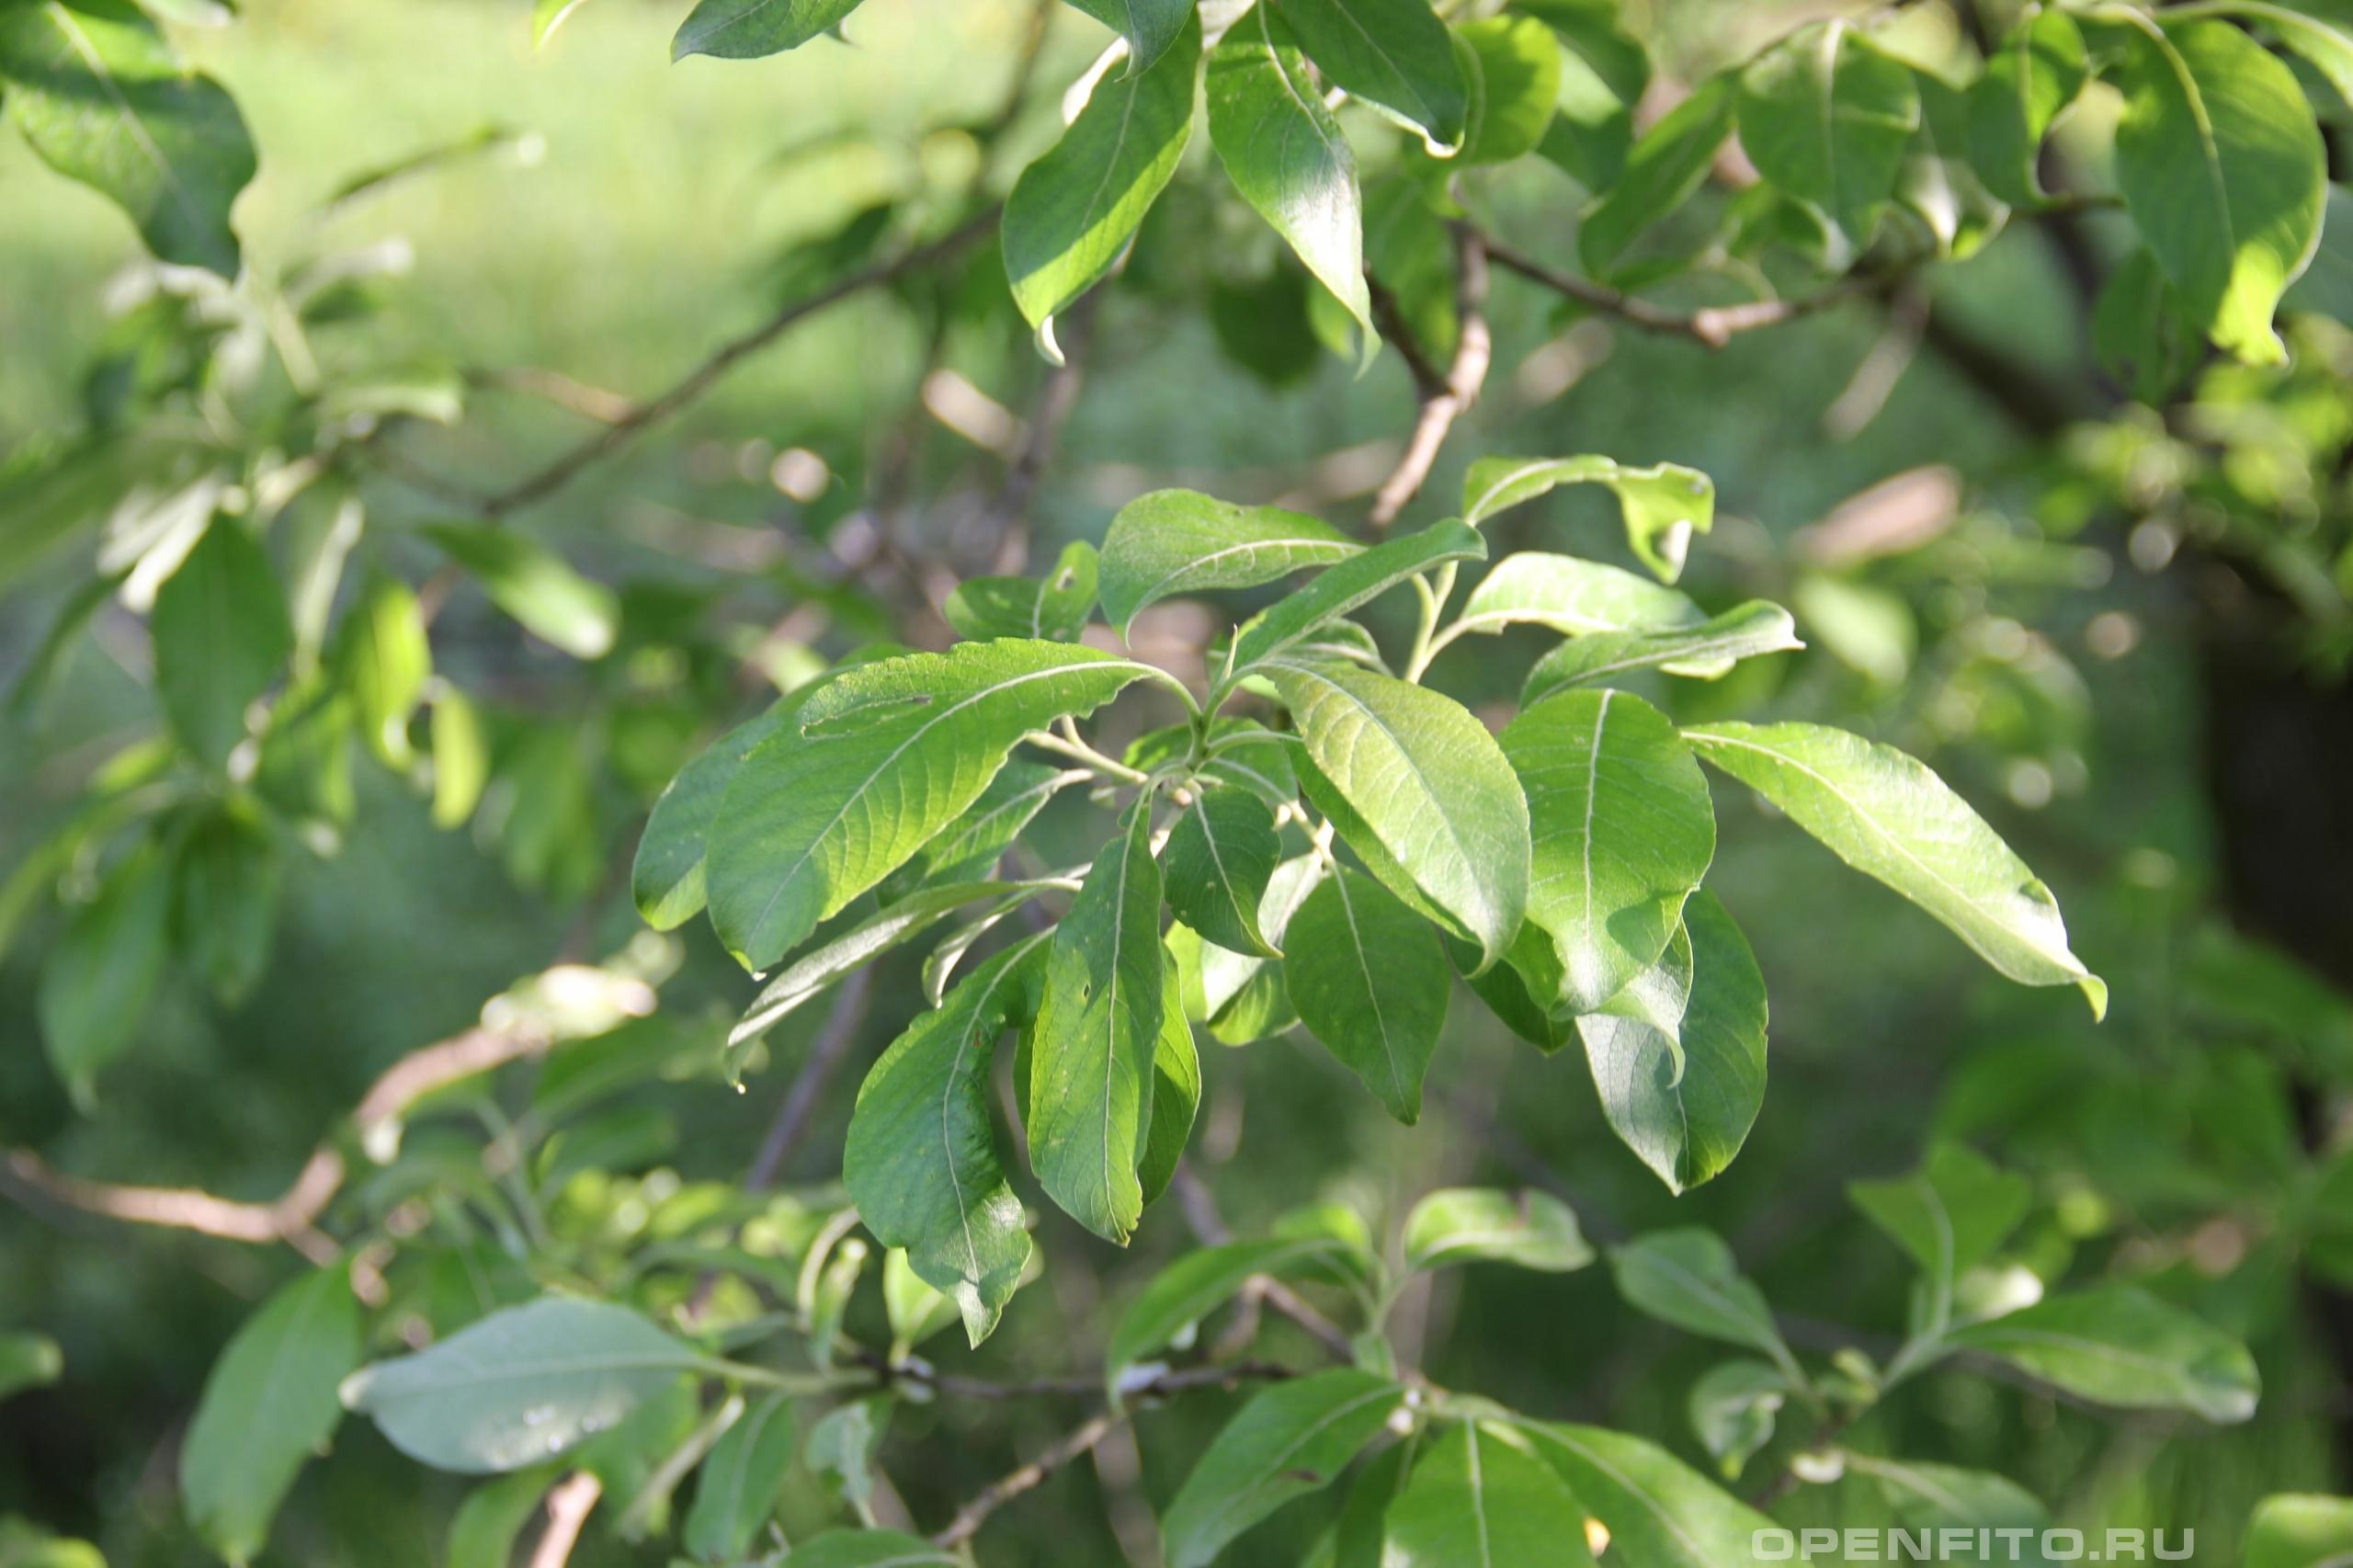 Ива козья листья, другое название Ива одновременная